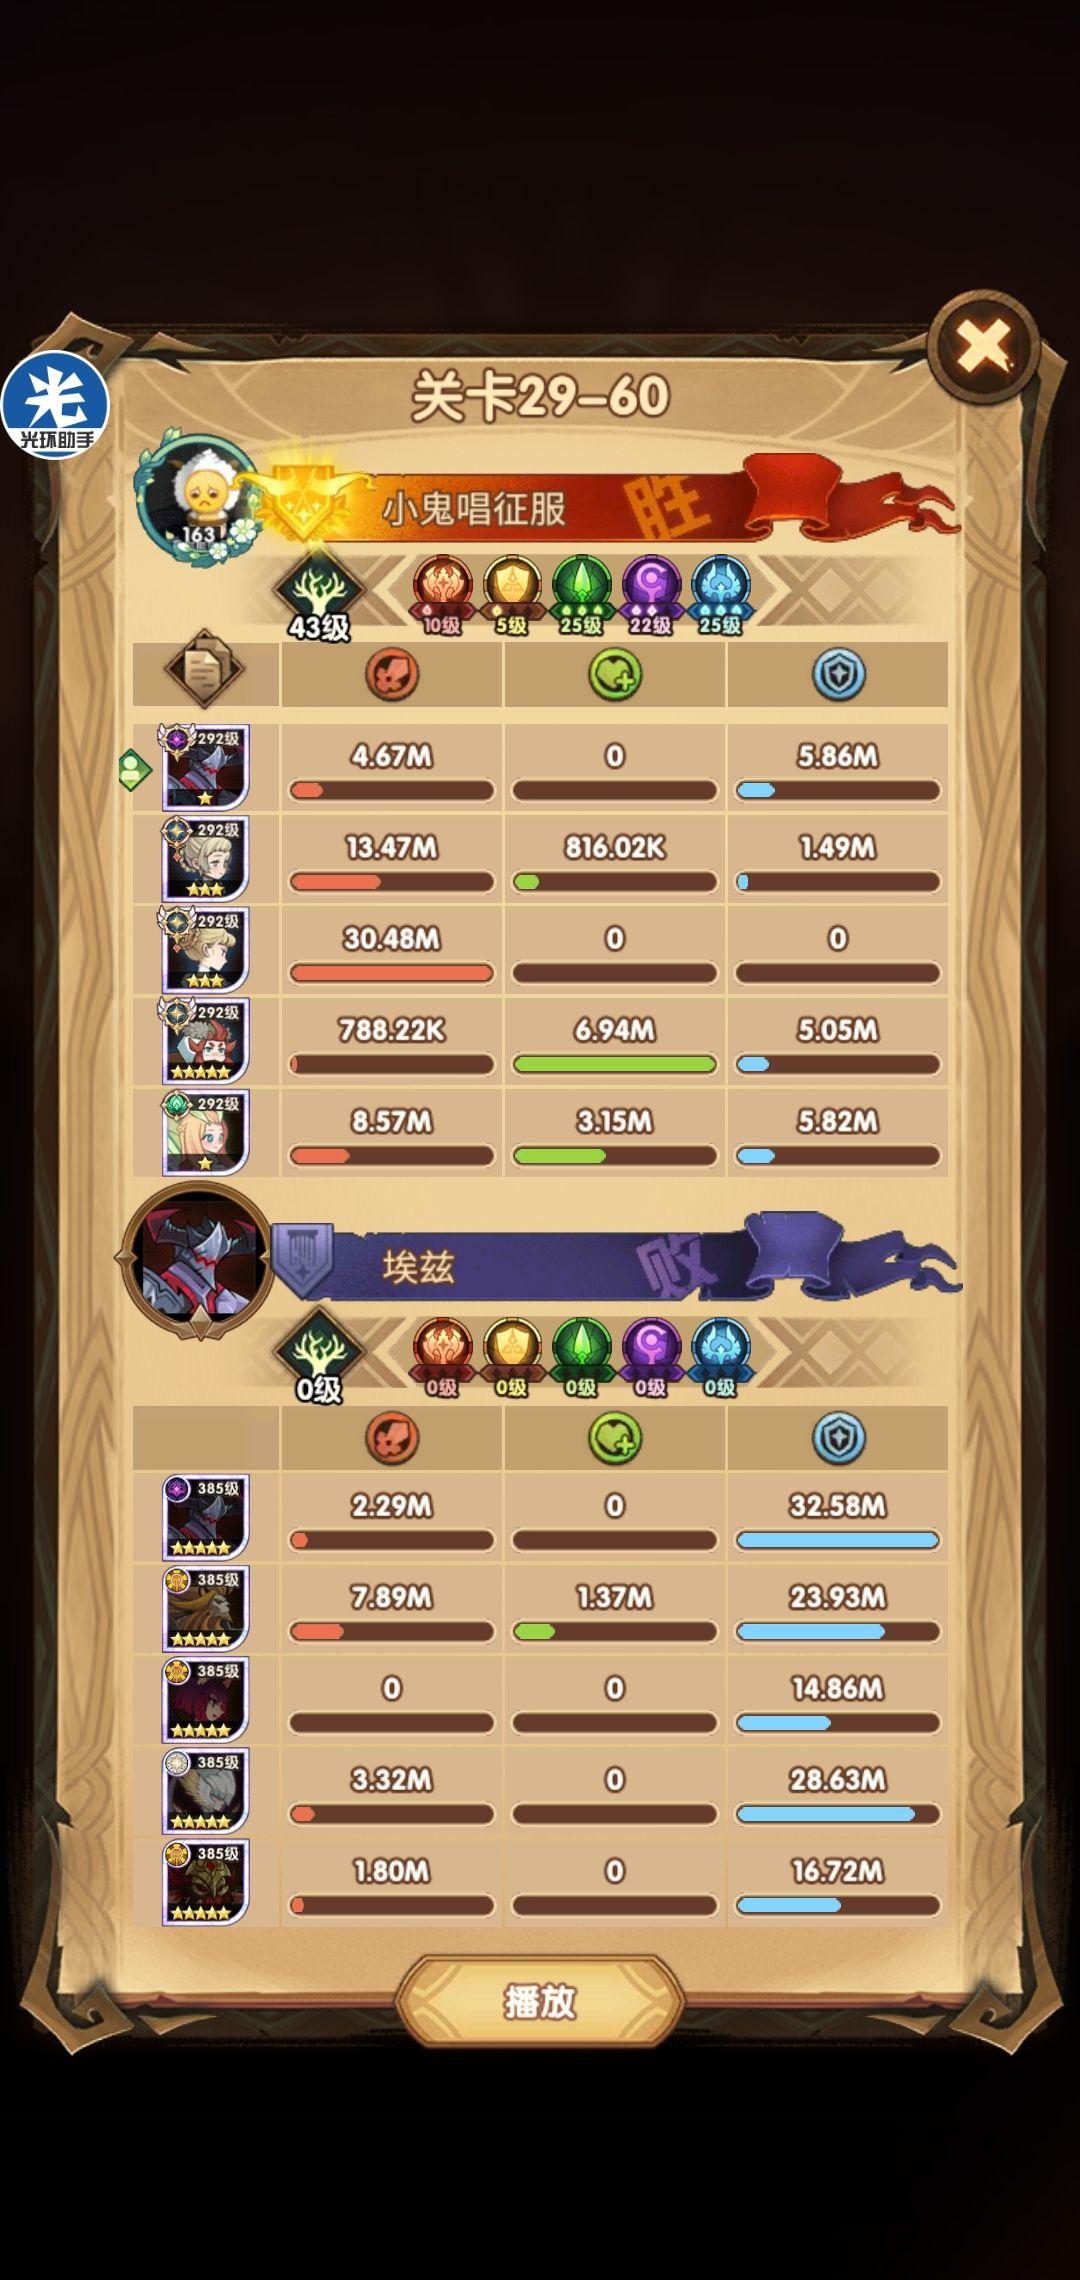 剑与远征29-60攻略 阵容搭配及玩法详解